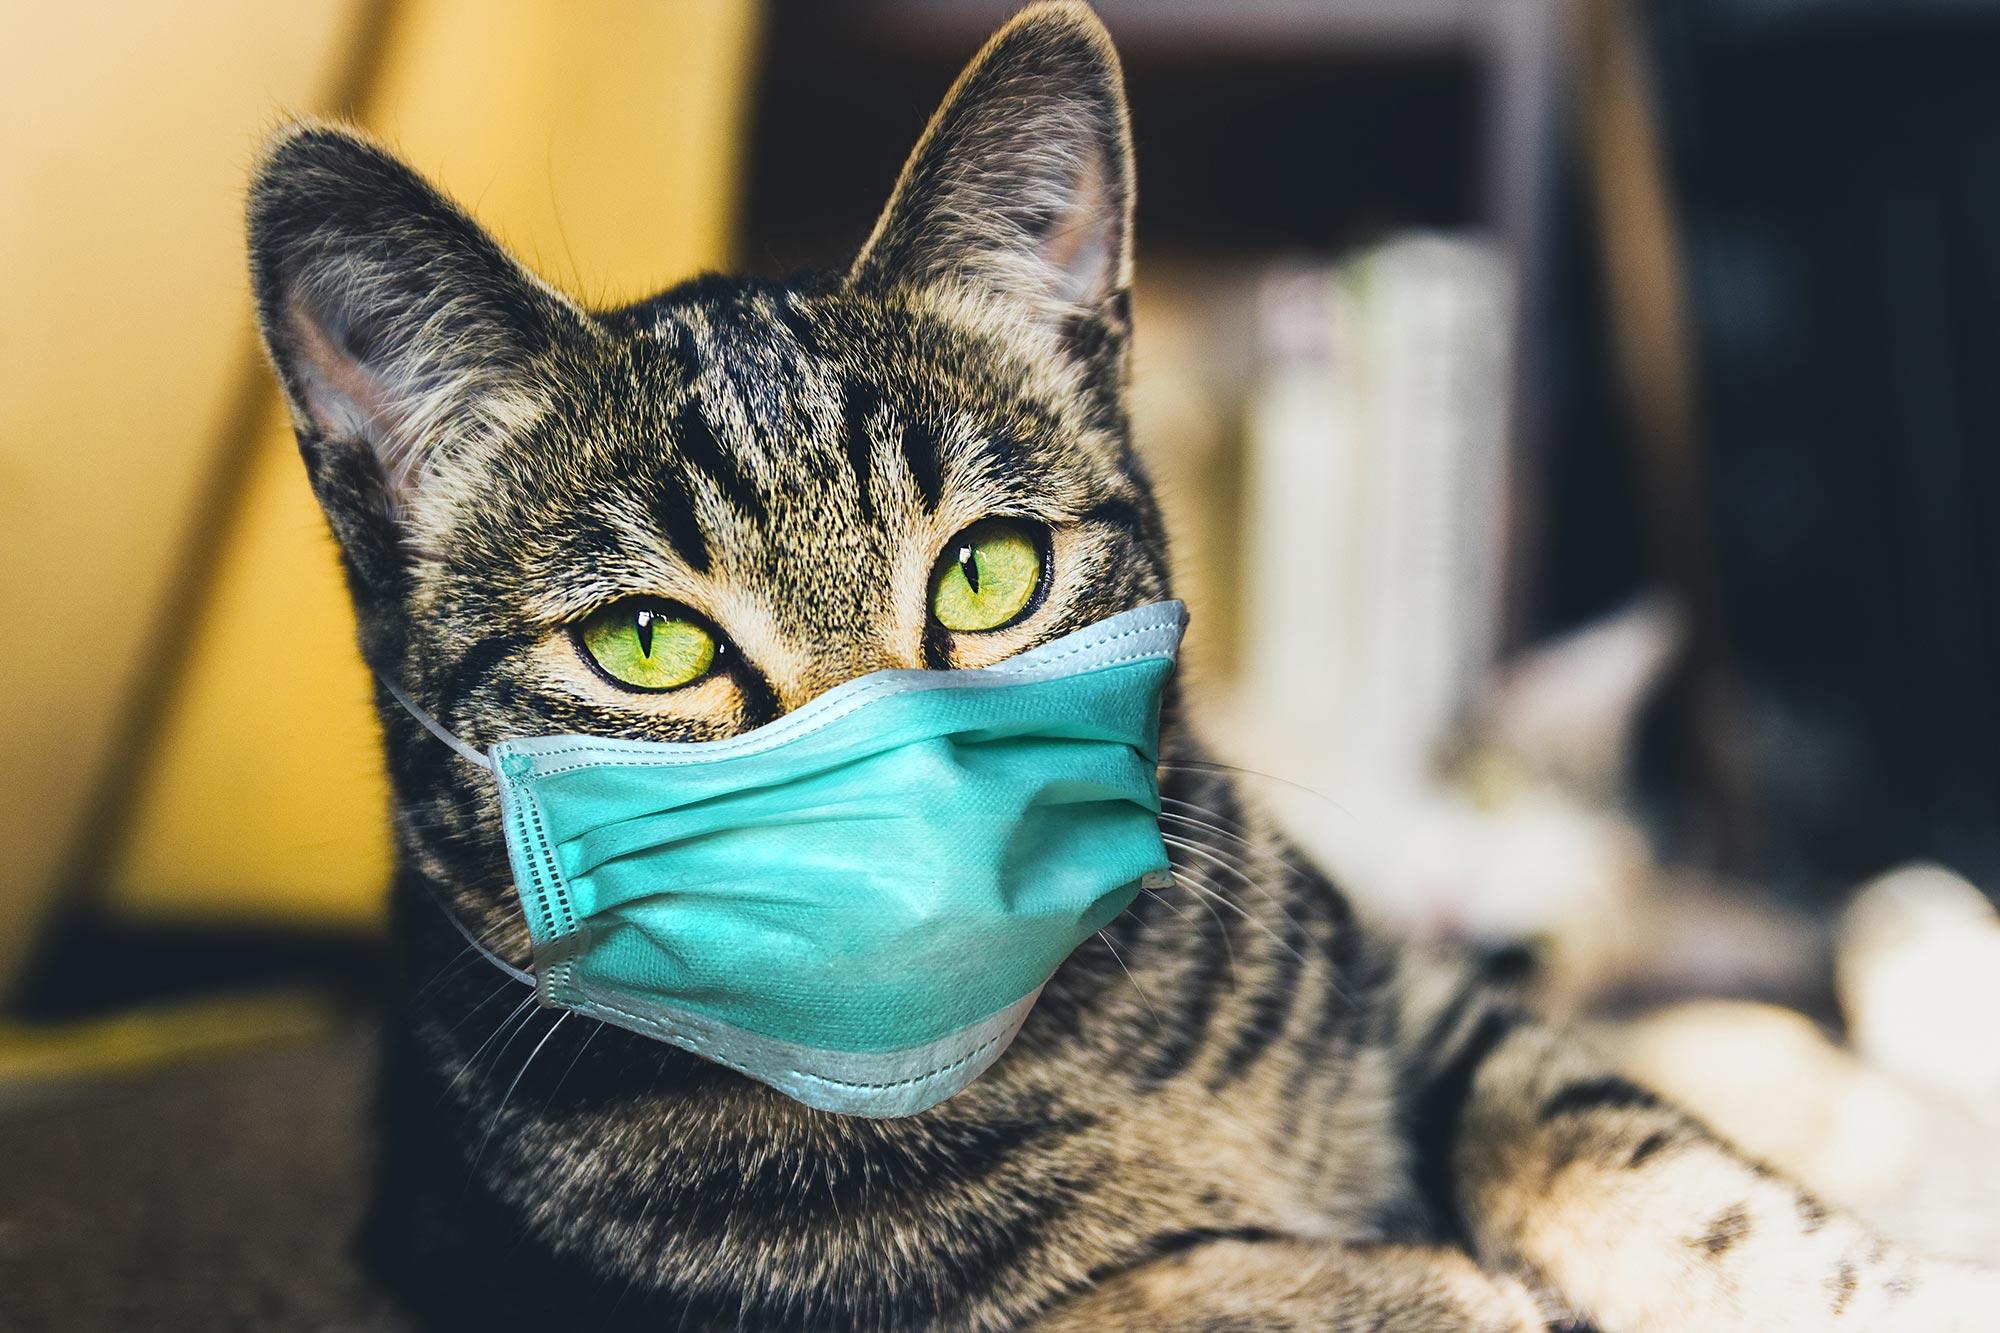 Kediden Sahibine COVID-19 Bulaştı! Haberler